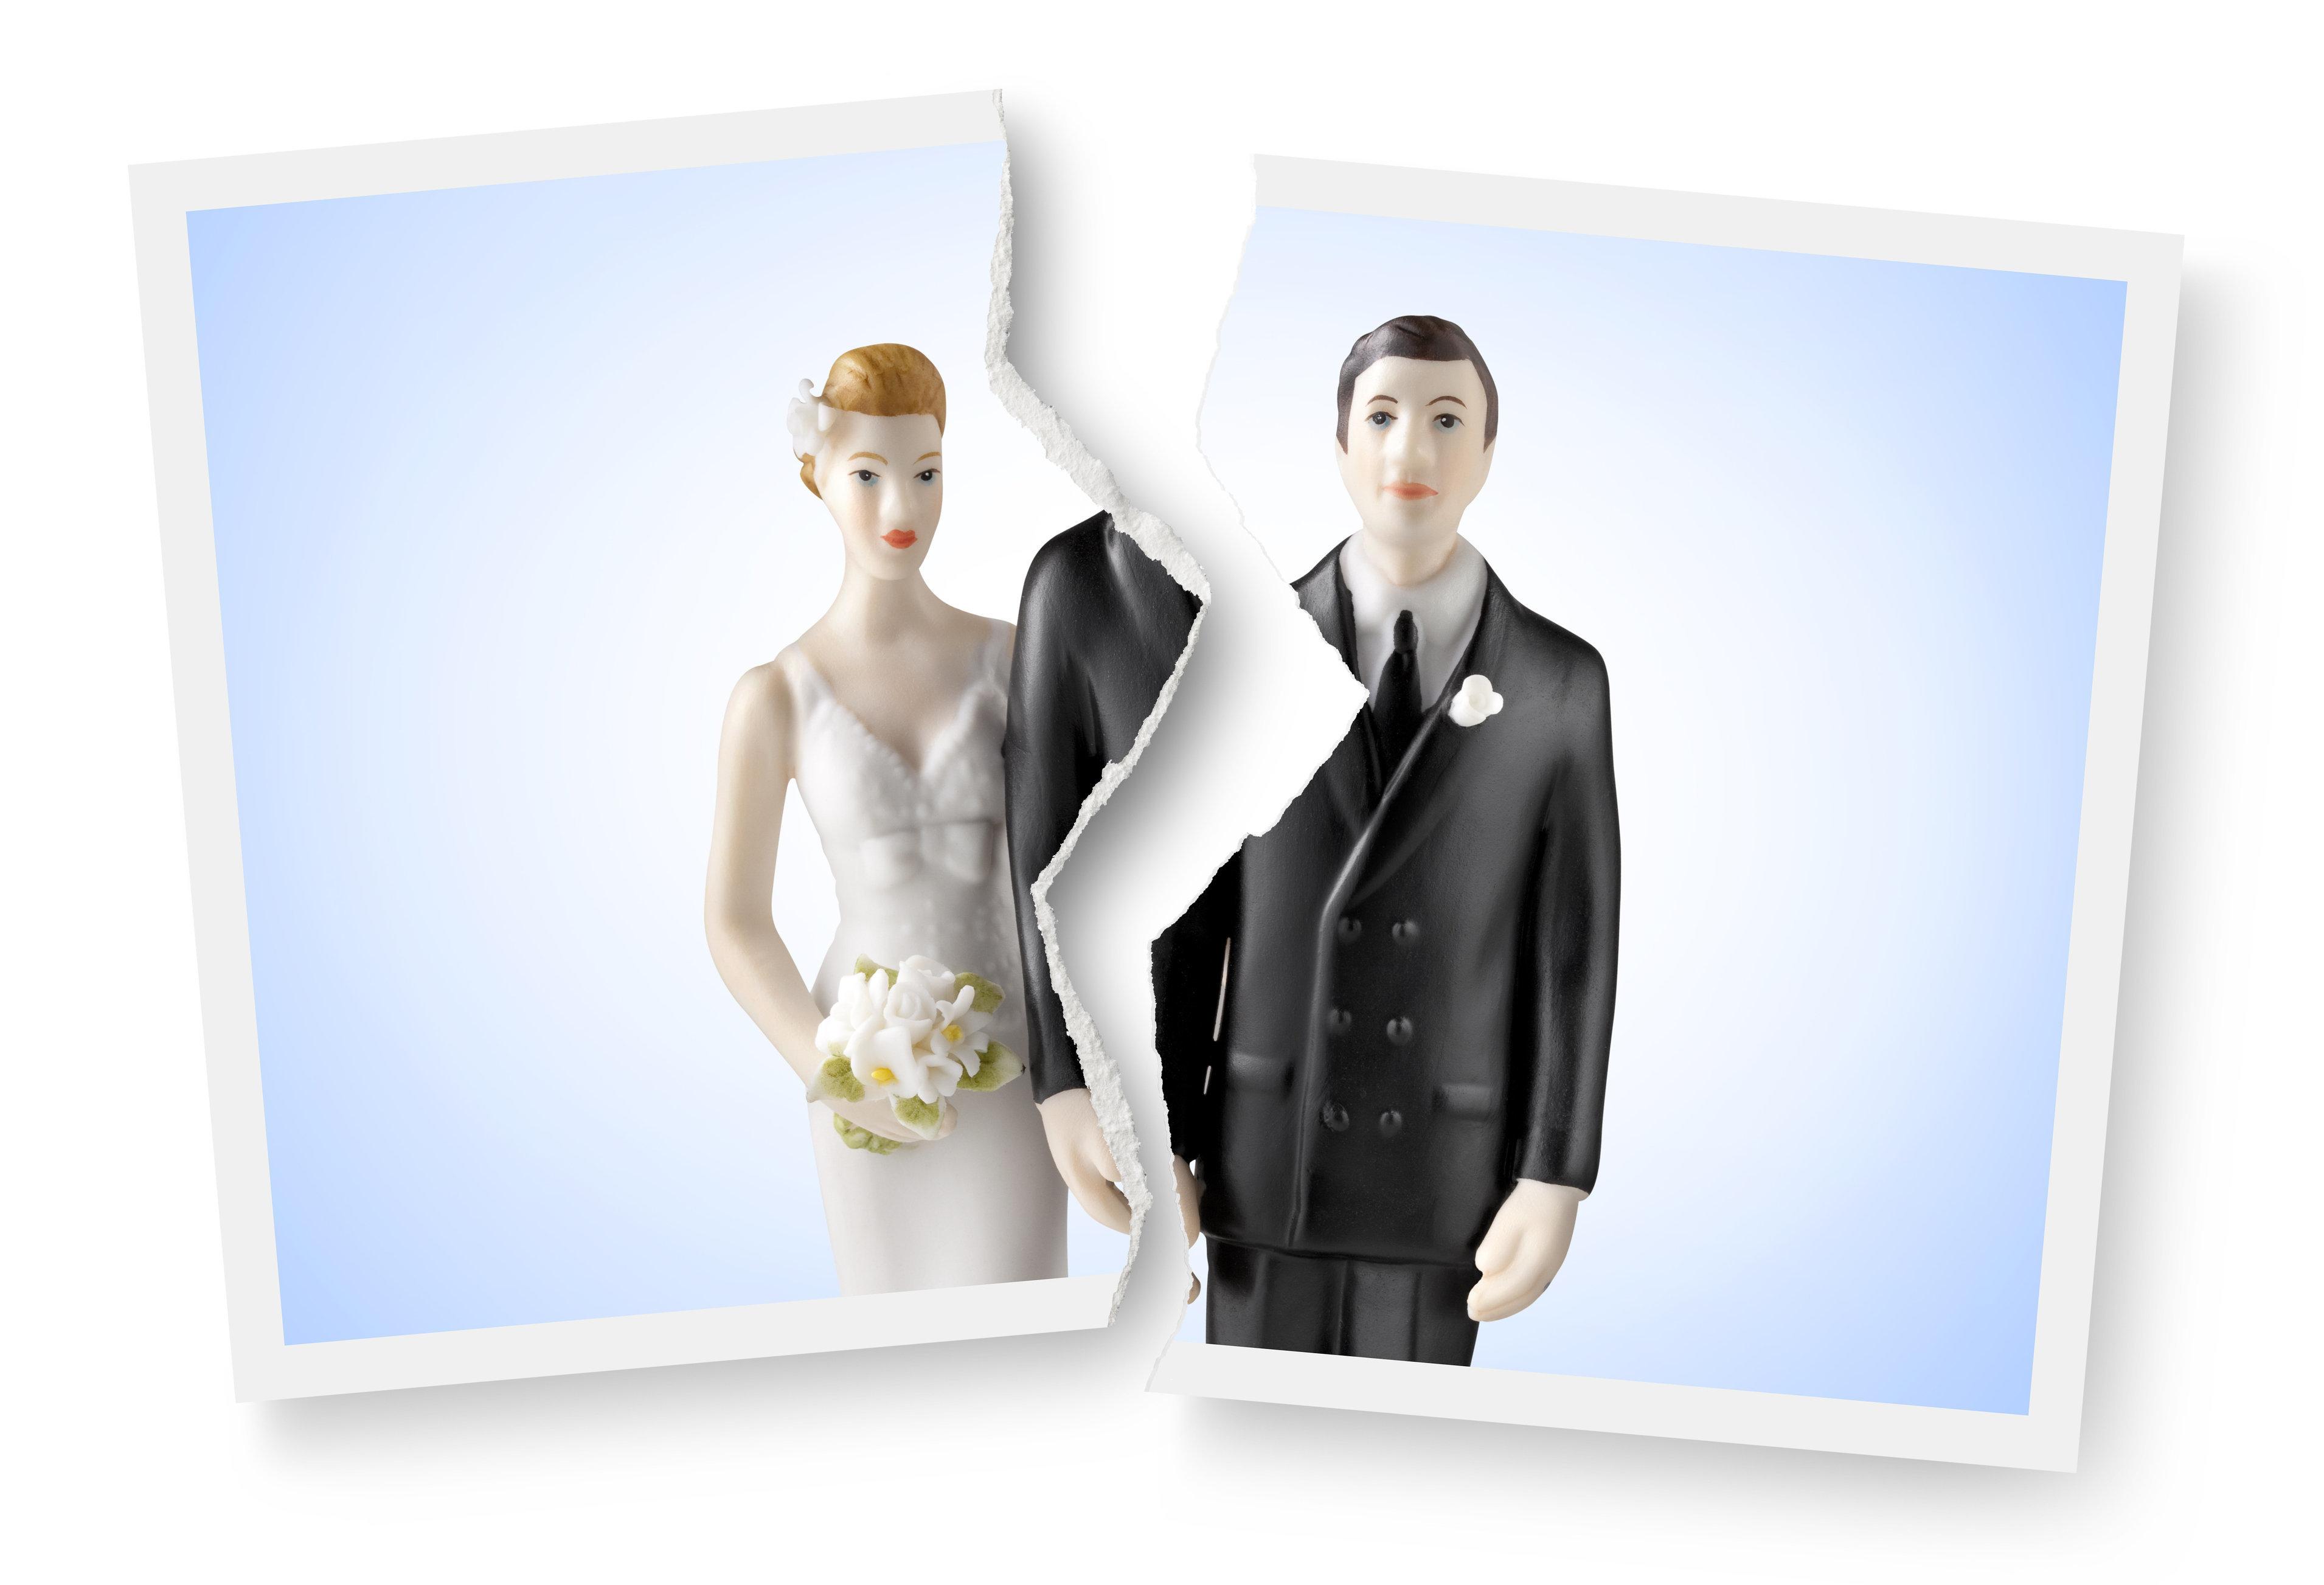 Θέλετε γάμο στις 14 Φεβρουαρίου. Μήπως να το